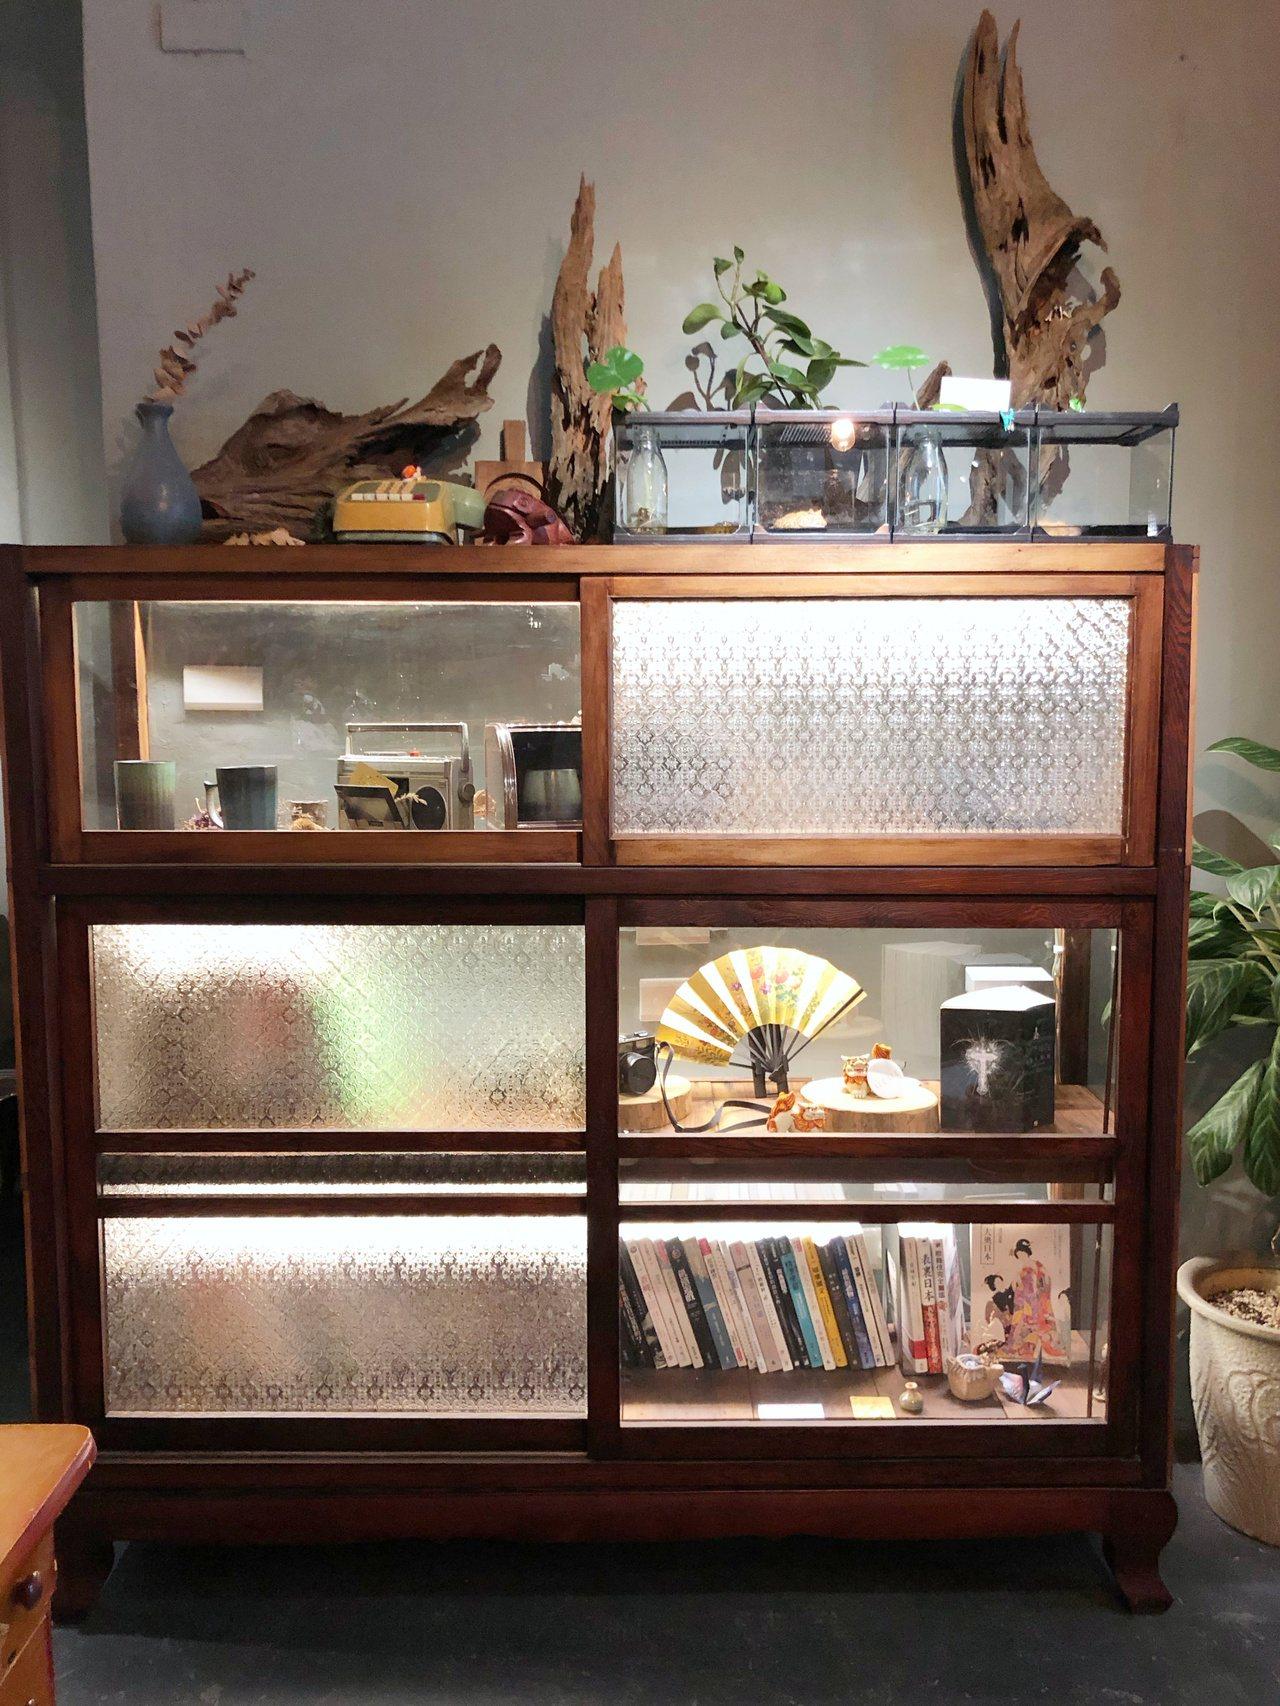 復古的家具內也會藏有各種店家的收藏在裡面。記者魏妤庭/攝影